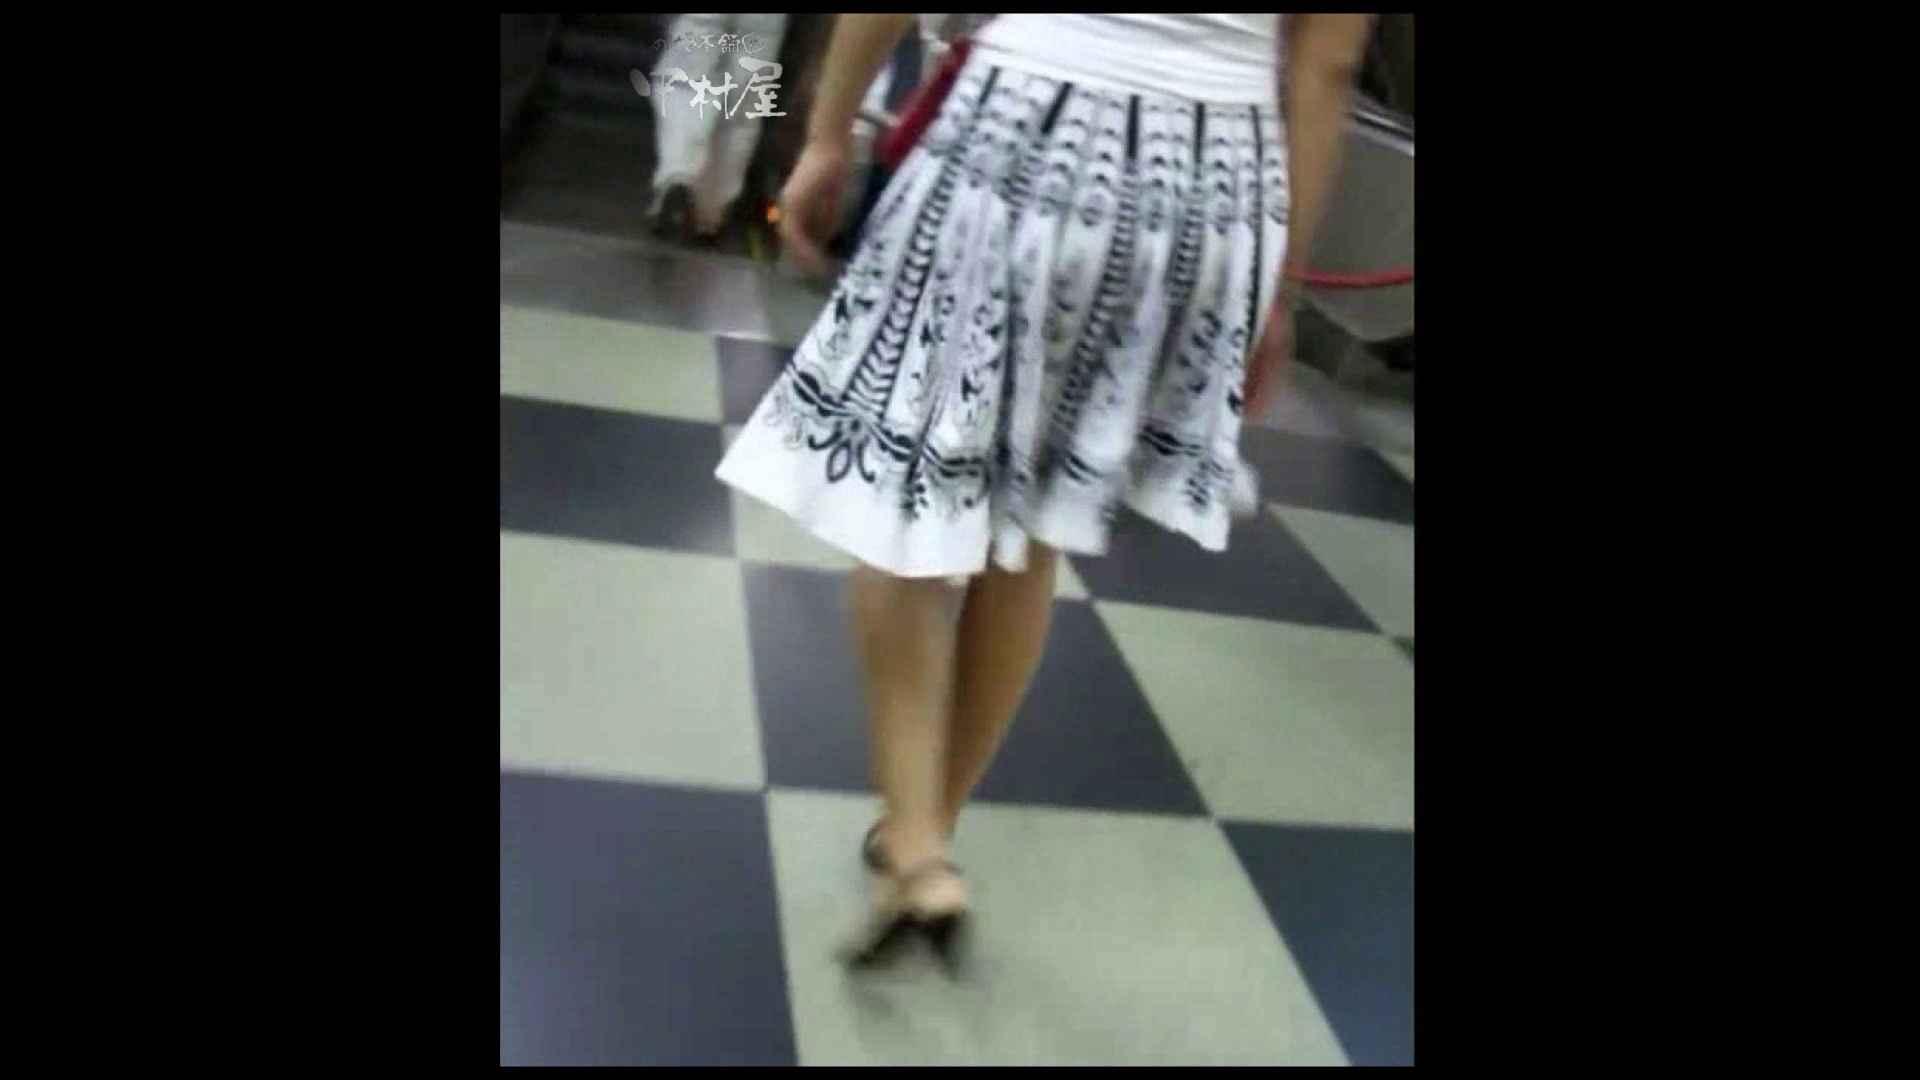 綺麗なモデルさんのスカート捲っちゃおう‼ vol30 お姉さんハメ撮り  109Pix 89